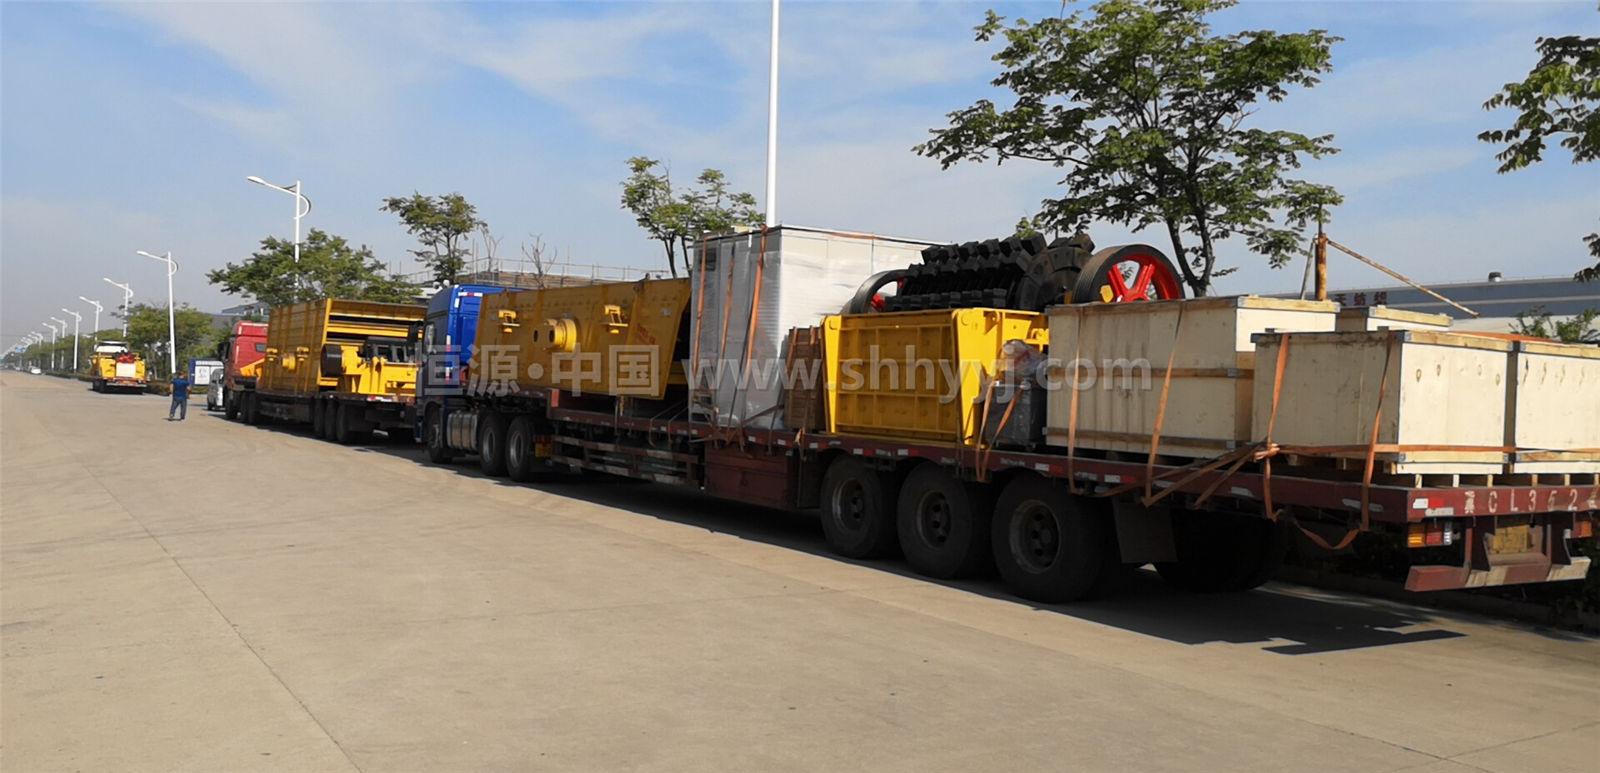 辽宁砂石生产线设备发货实况回顾